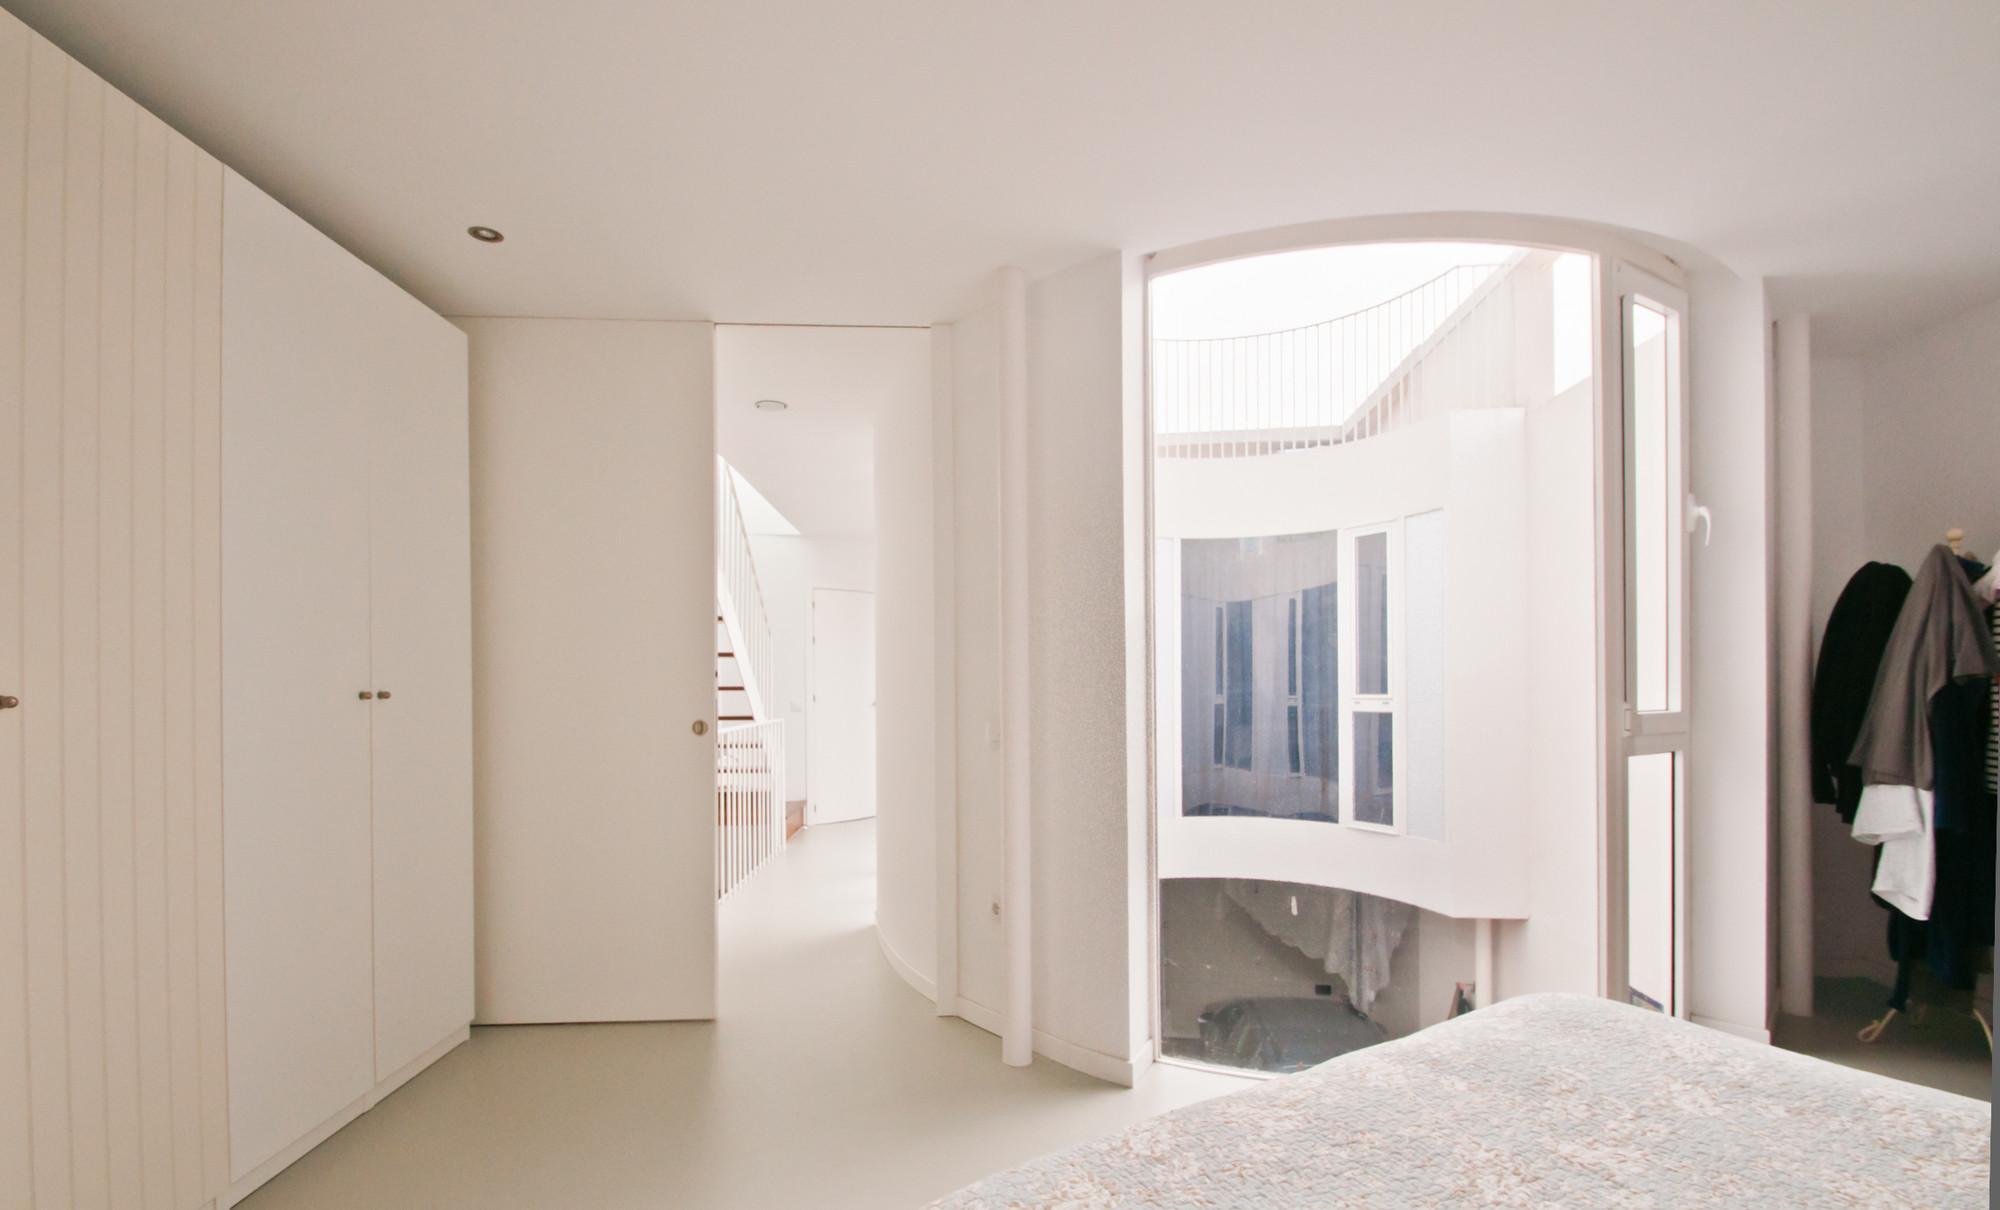 Single-family Dwelling / José Soto García